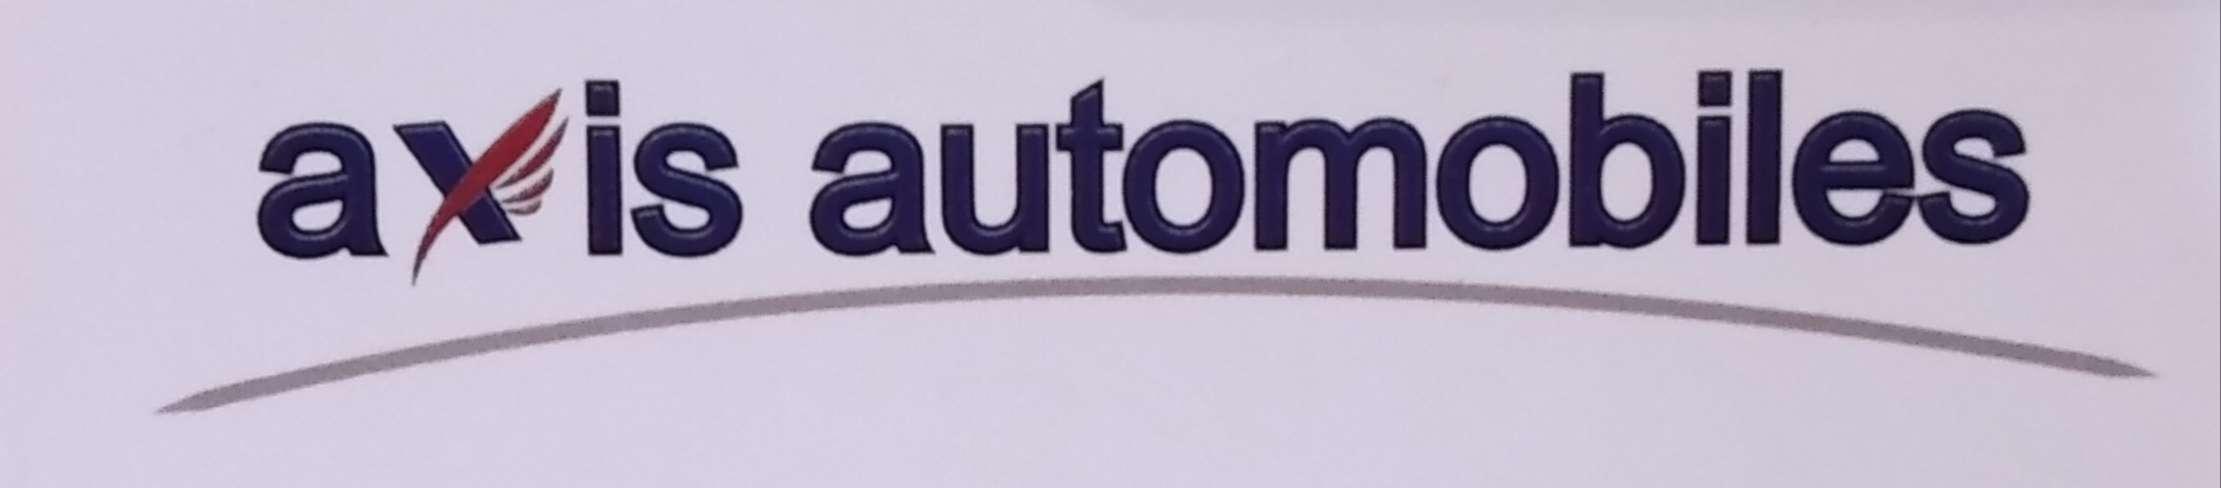 Axis Automobiles